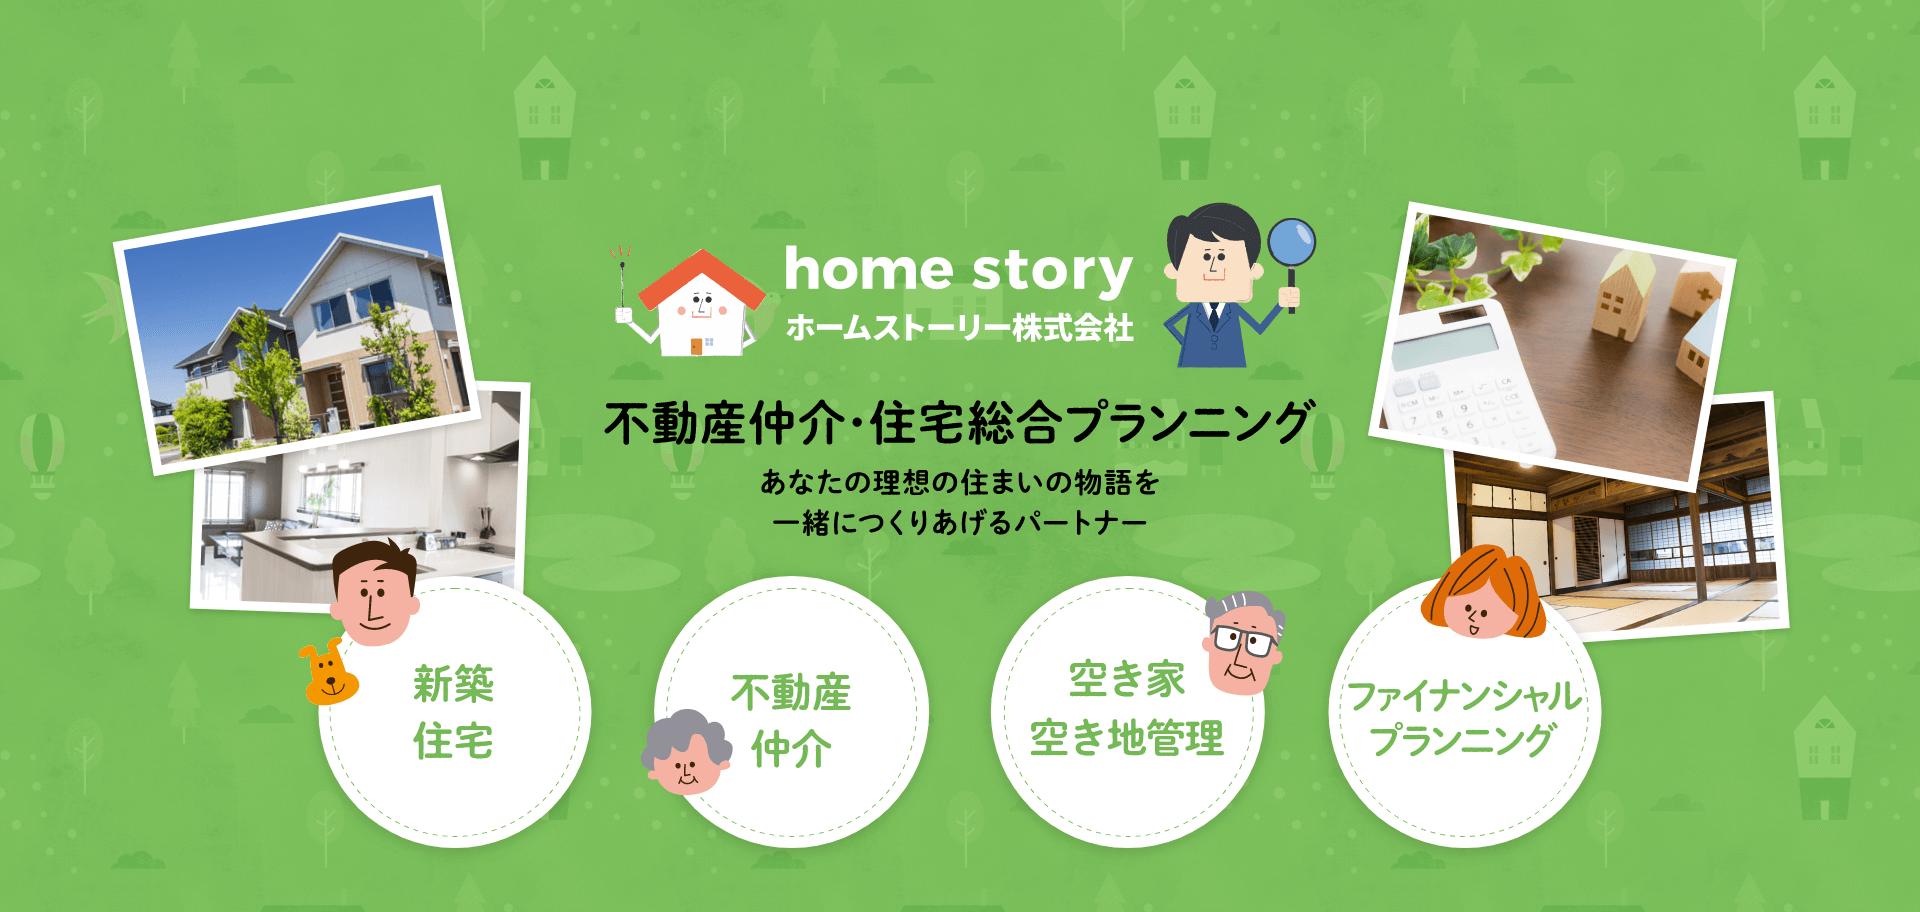 home story 不動産仲介・住宅総合プランニング あなたの理想の住まいの物語を一緒につくりあげるパートナー 新築住宅、不動産仲介、空き家・空き地管理、ファイナンシャルプランニング